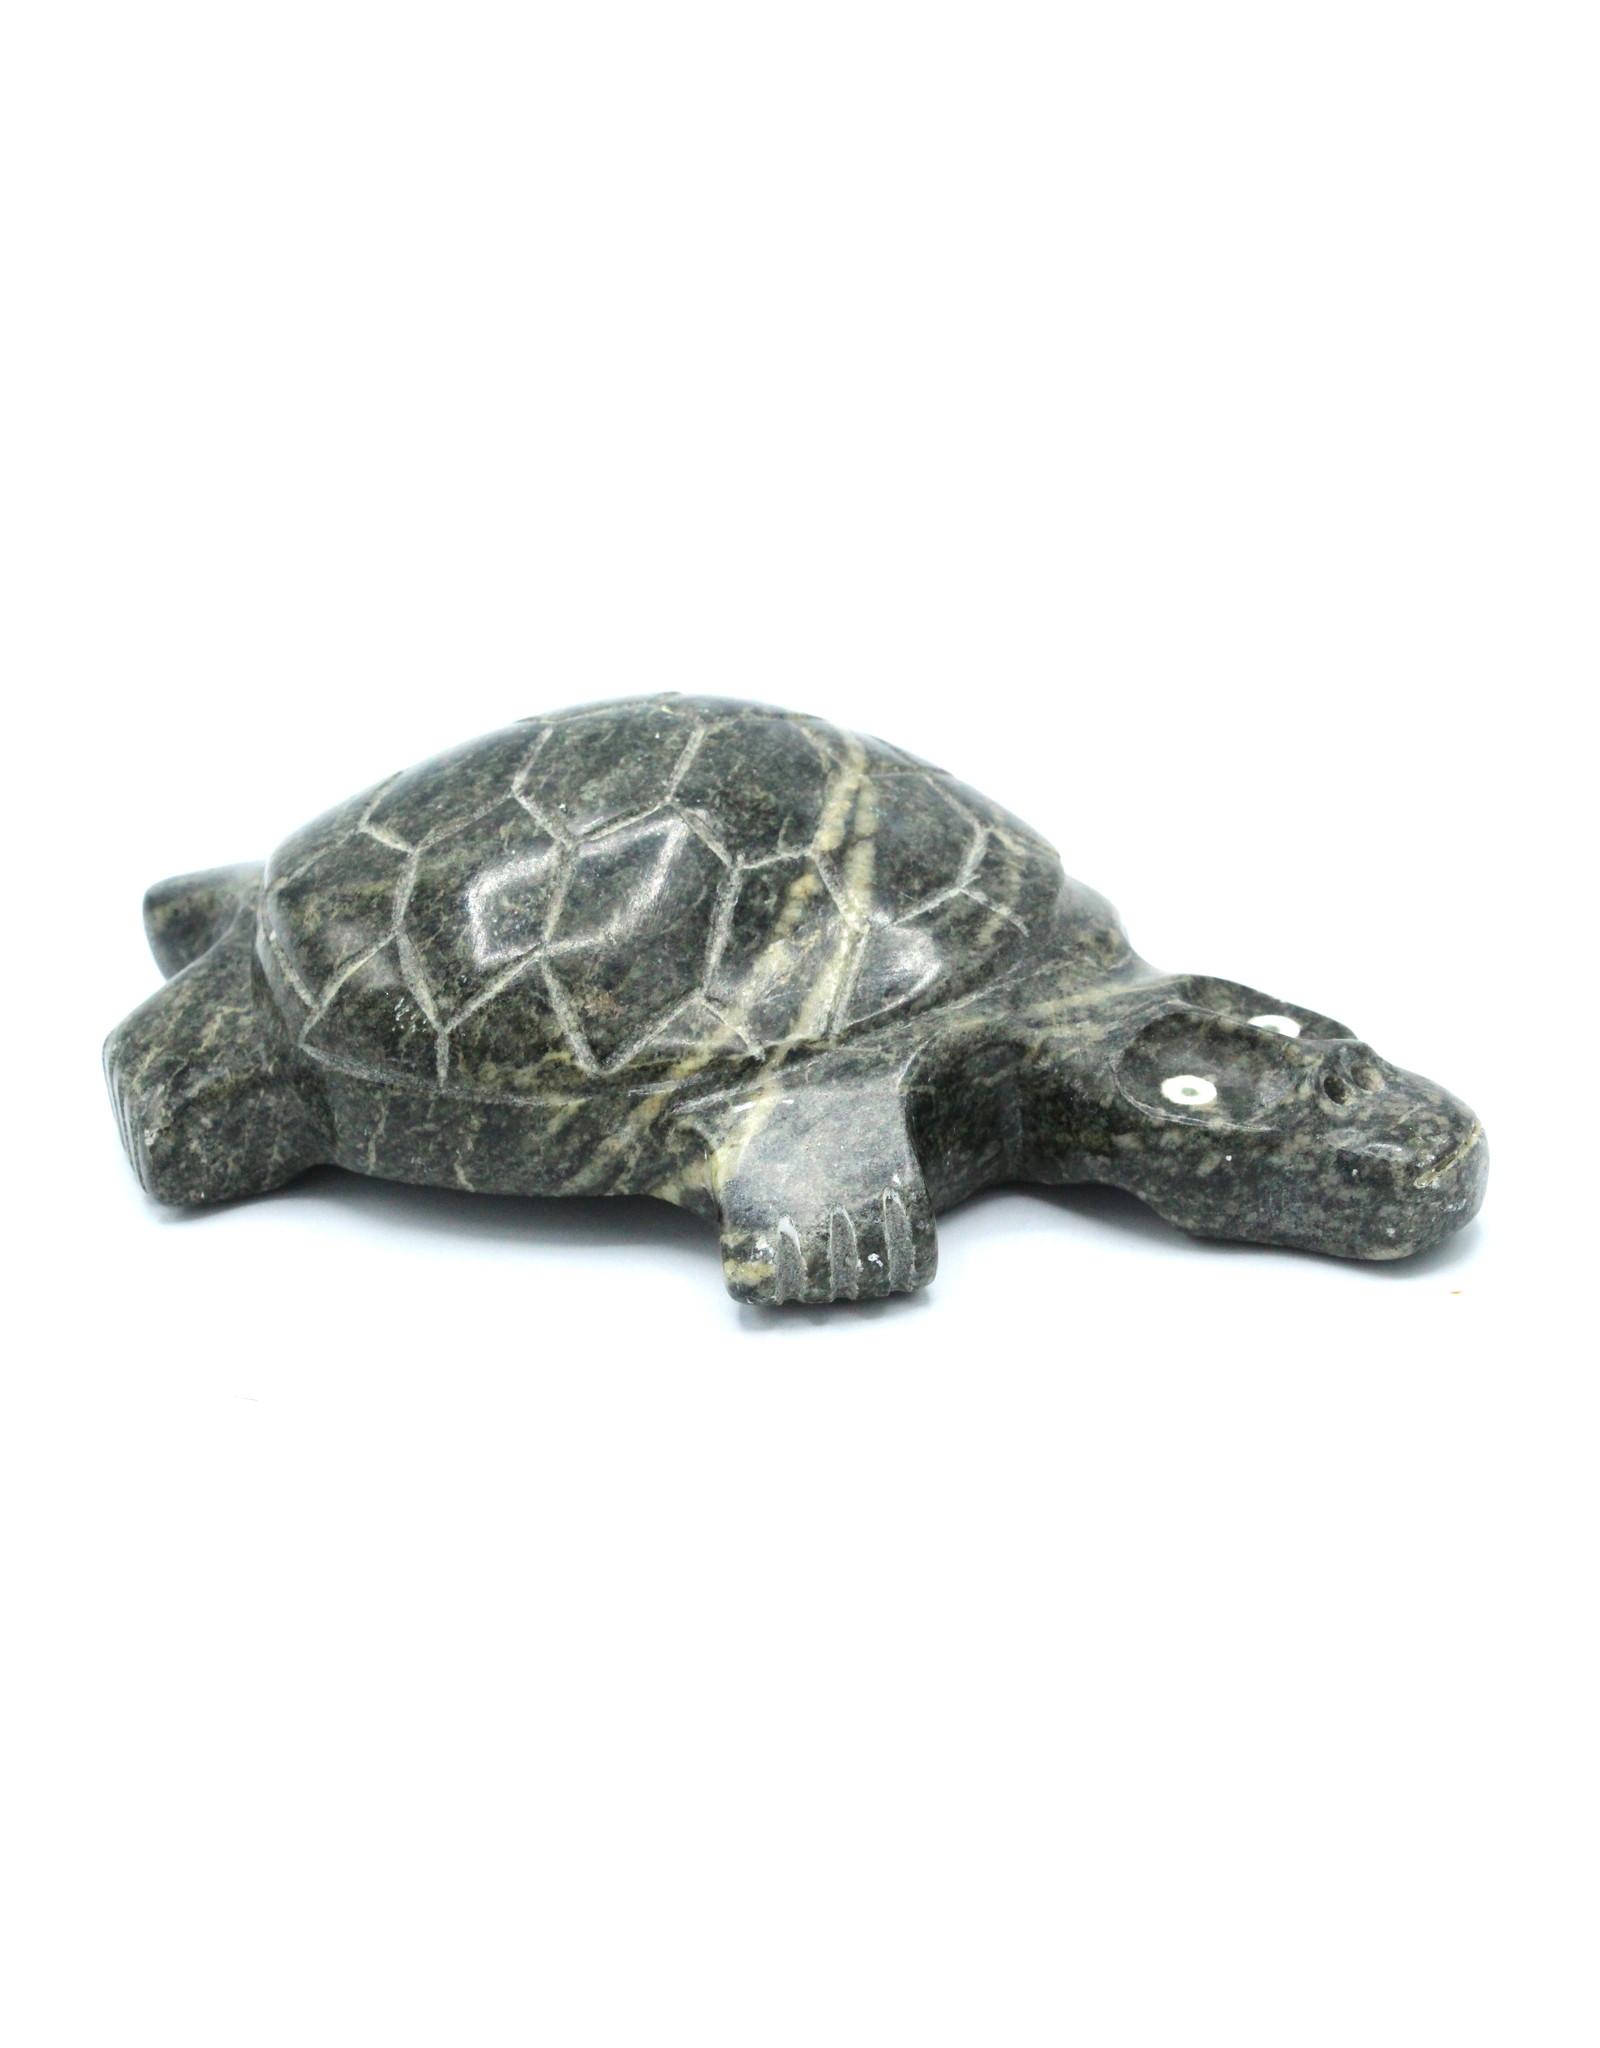 110118 Turtle by Nancy Kuptana